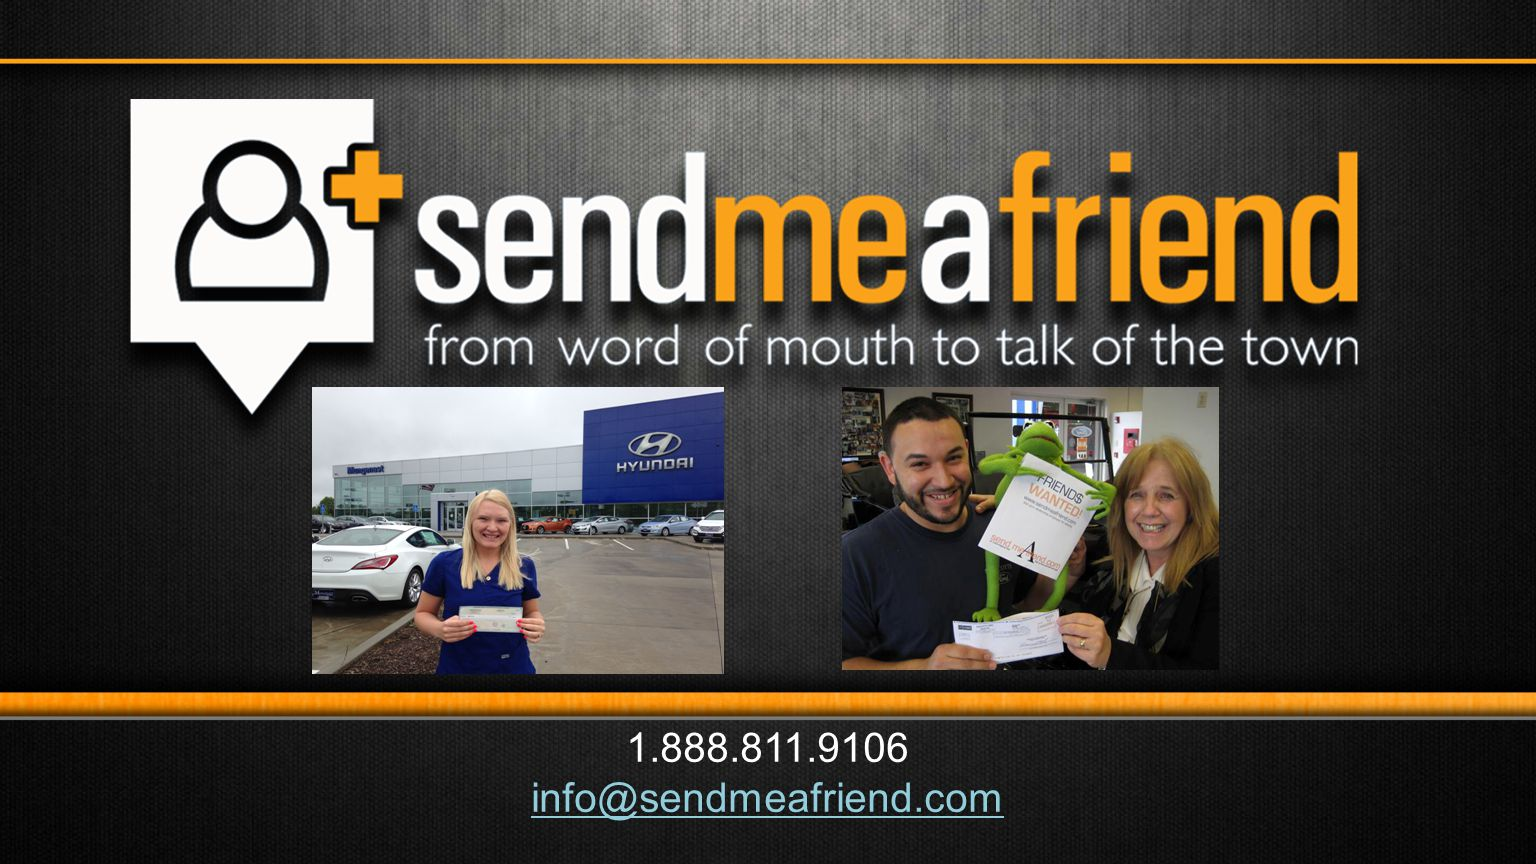 1.888.811.9106 info@sendmeafriend.com